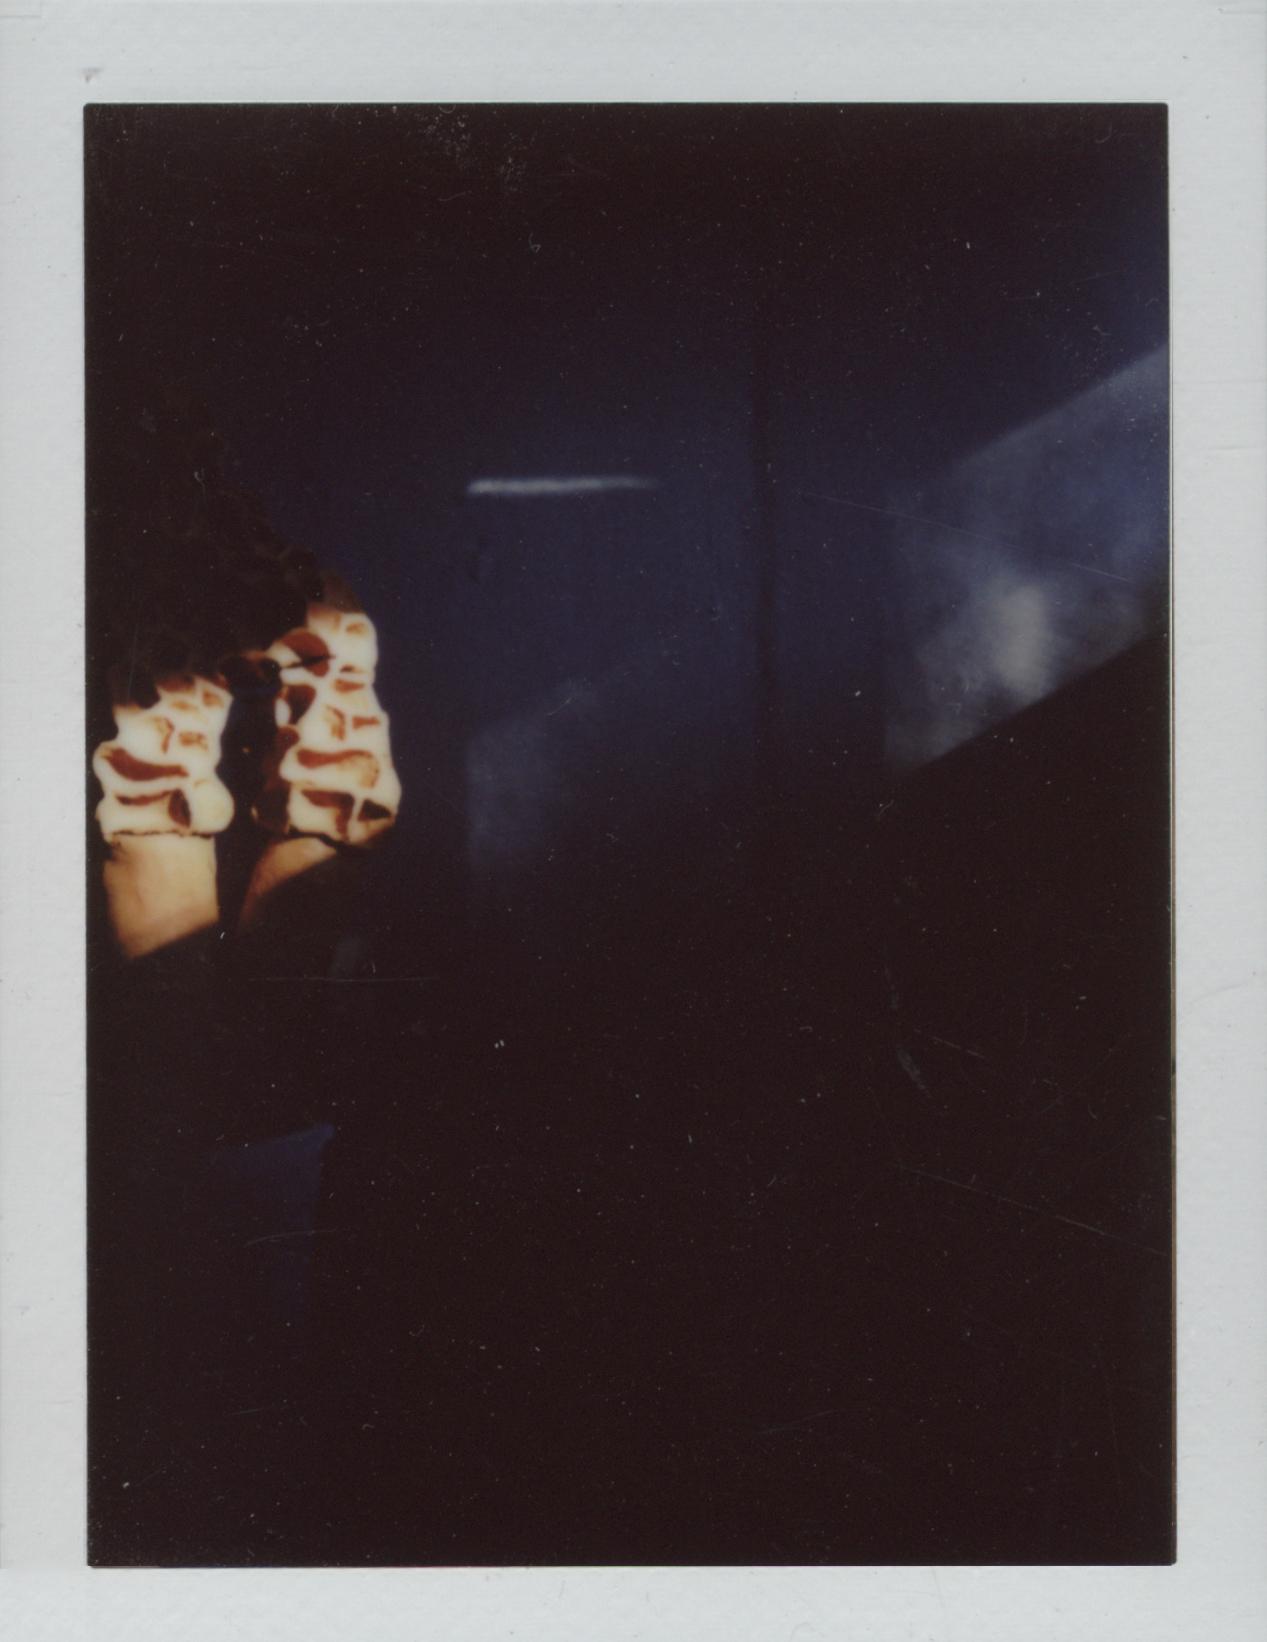 INSTAX studio light.jpg